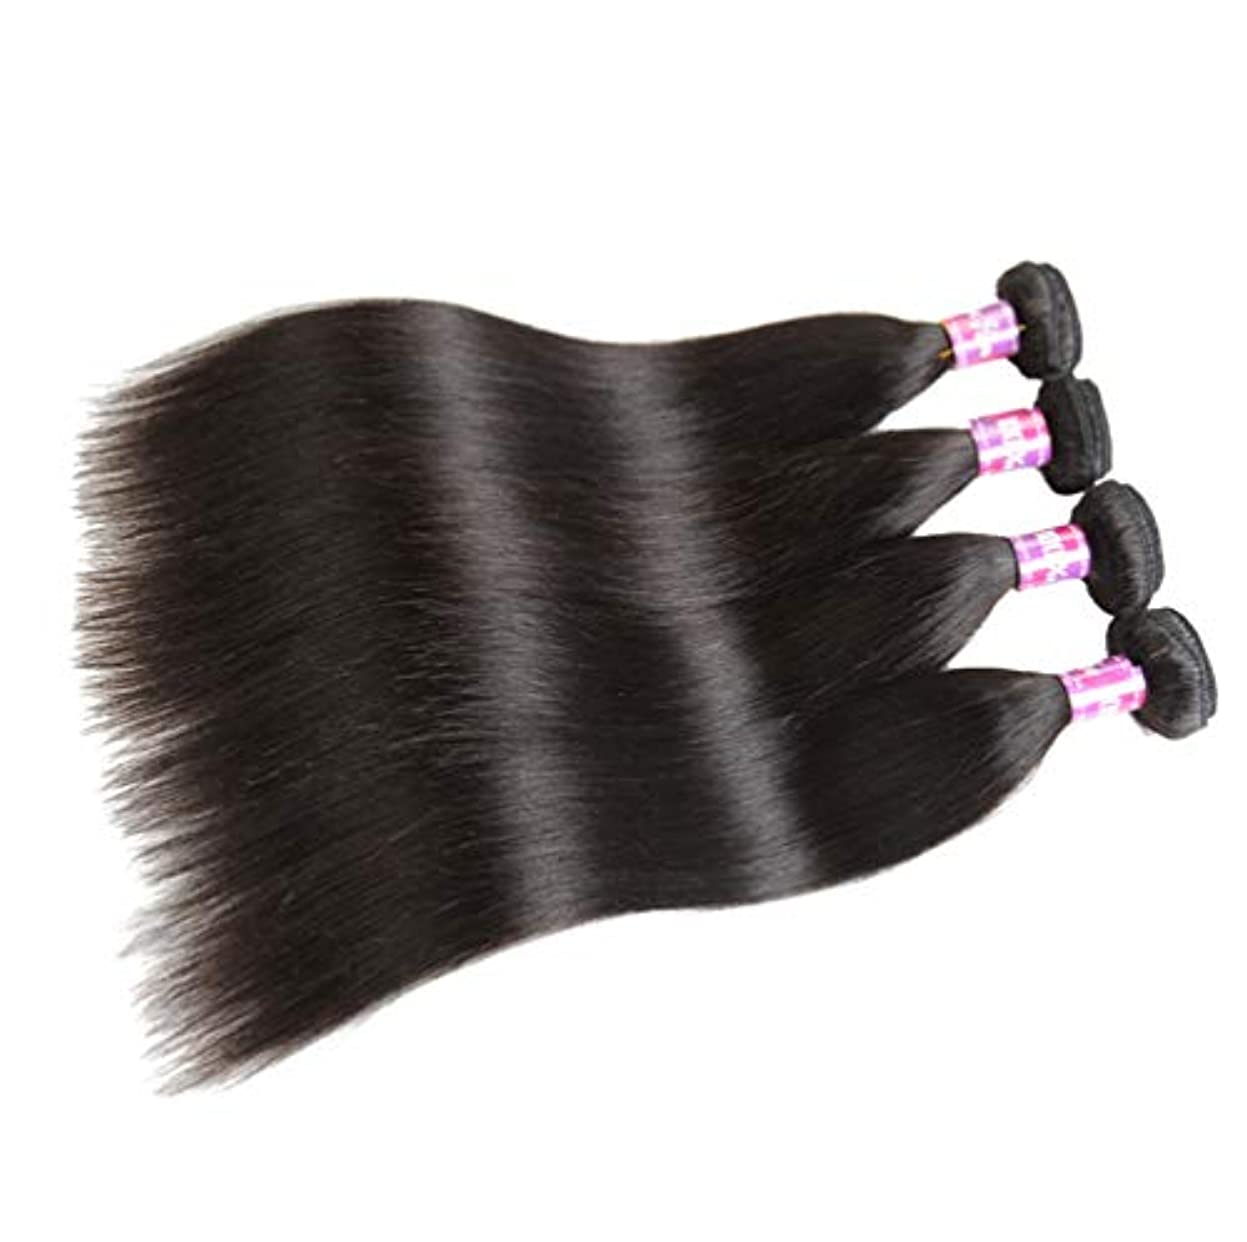 ほとんどの場合エンディング野菜ブラジルのストレートヘアバンドル安いブラジルのヘアバンドルストレートの人間の髪のバンドルナチュラルブラックカラー300g(3バンドル)